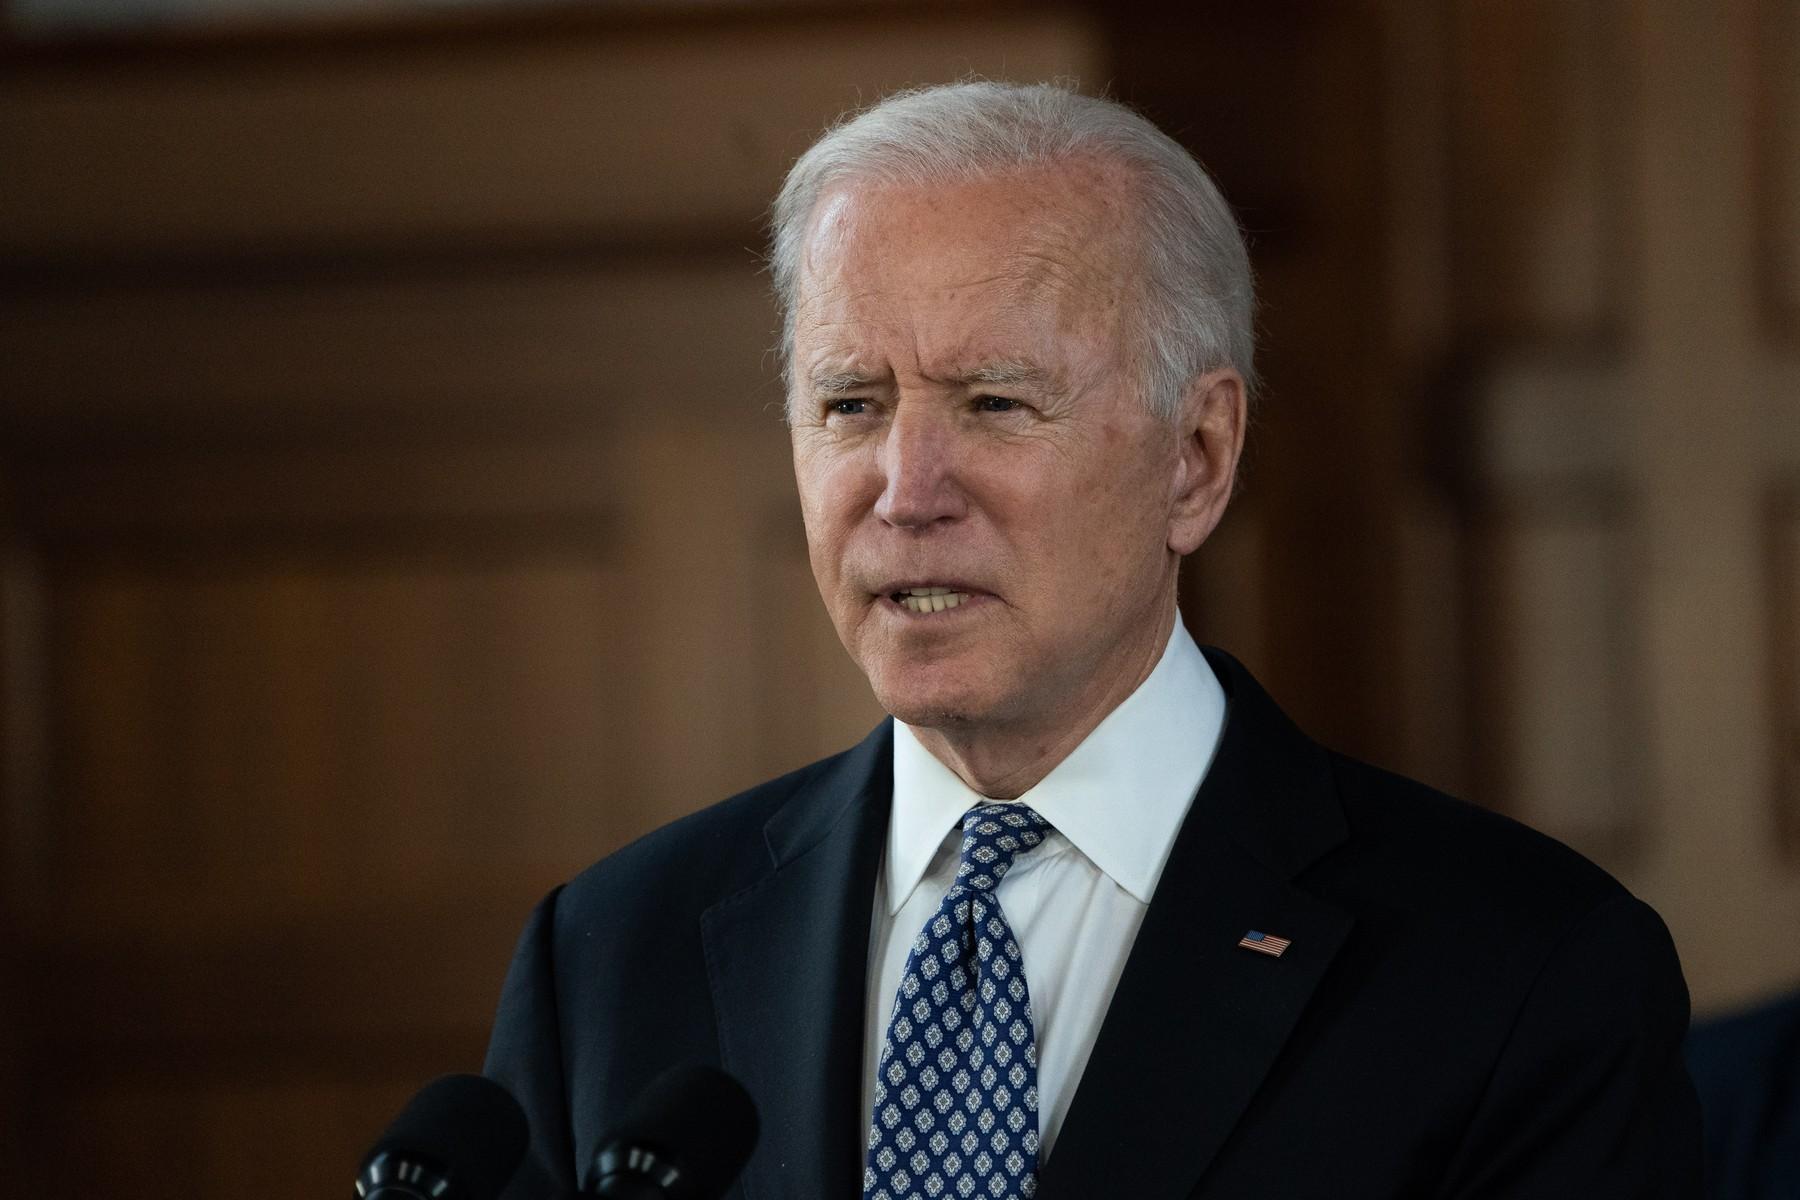 Joe Biden iniţiază procedurile de reformare a Curţii Supreme de Justiţie din SUA